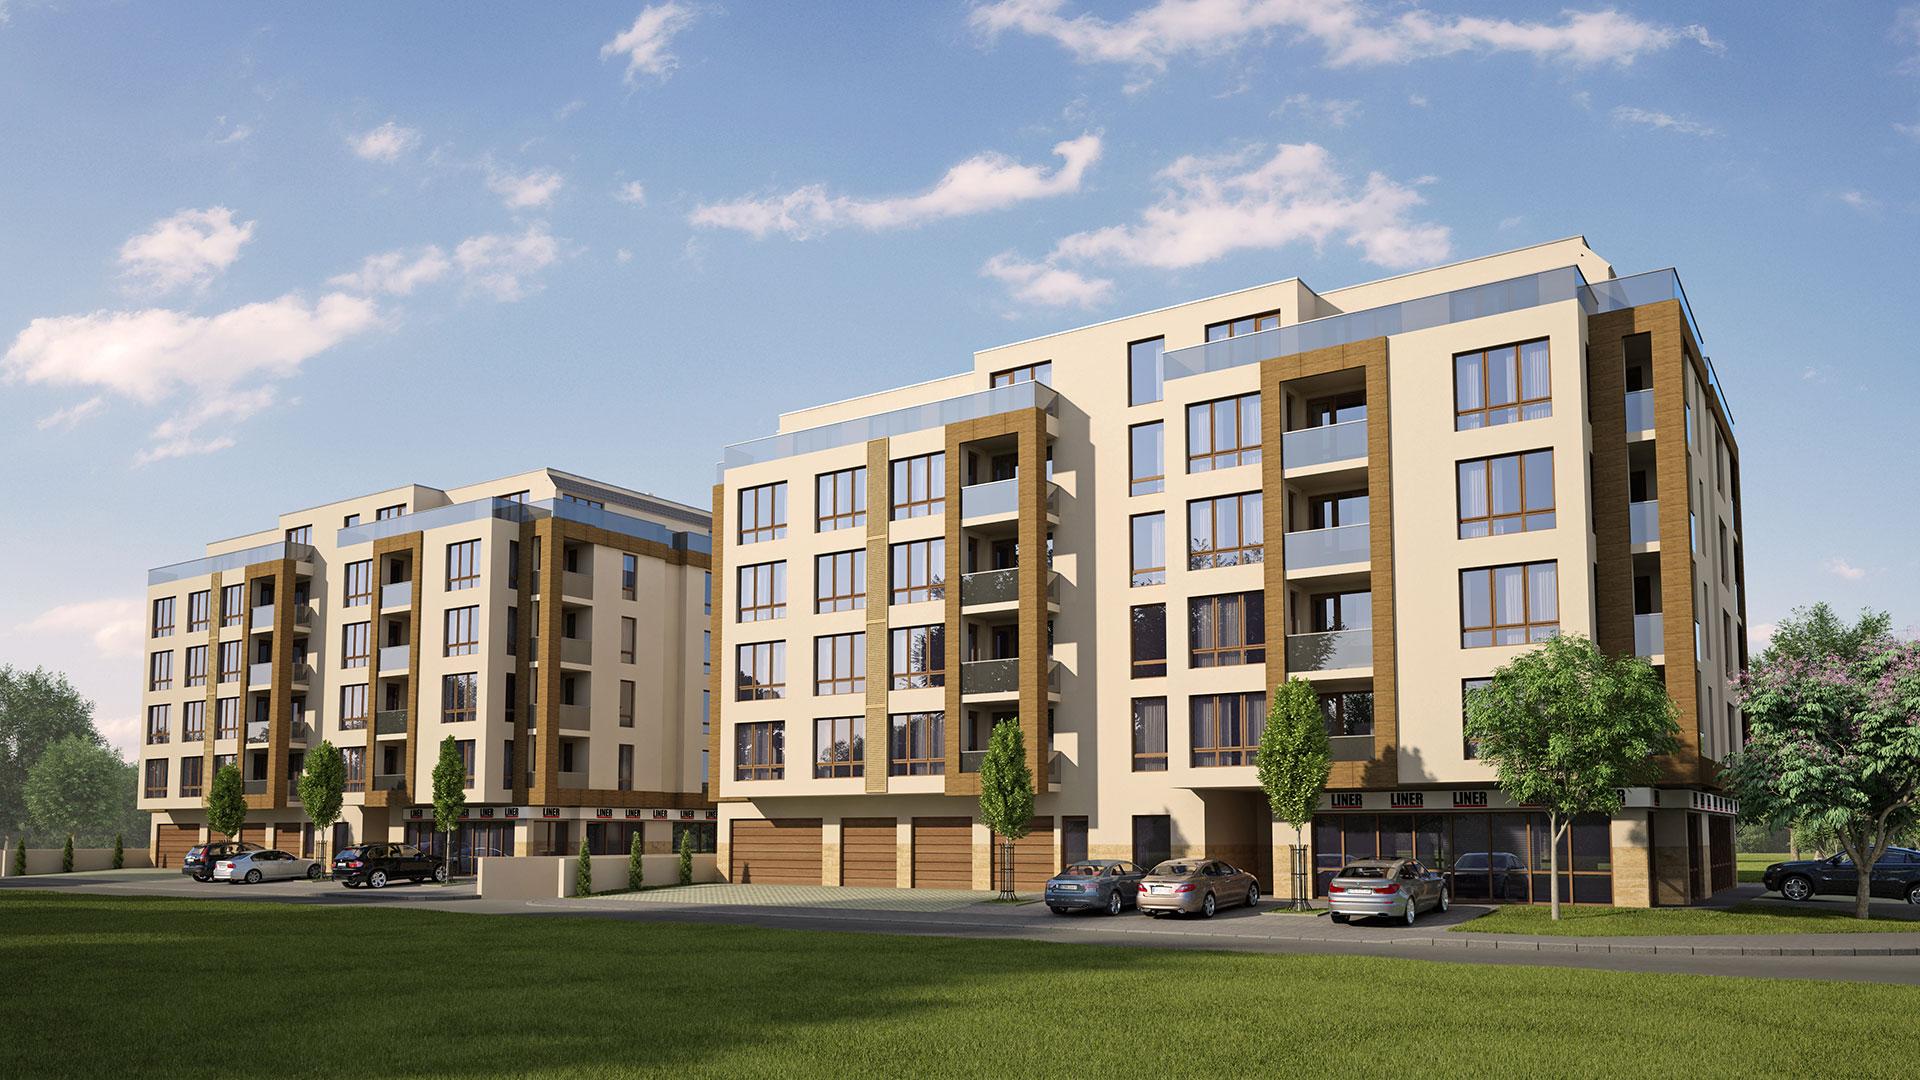 Агенция Ревистави предлага в Южен - Комплекс 1 продажба на апартаменти в луксозен жилищен комплекс